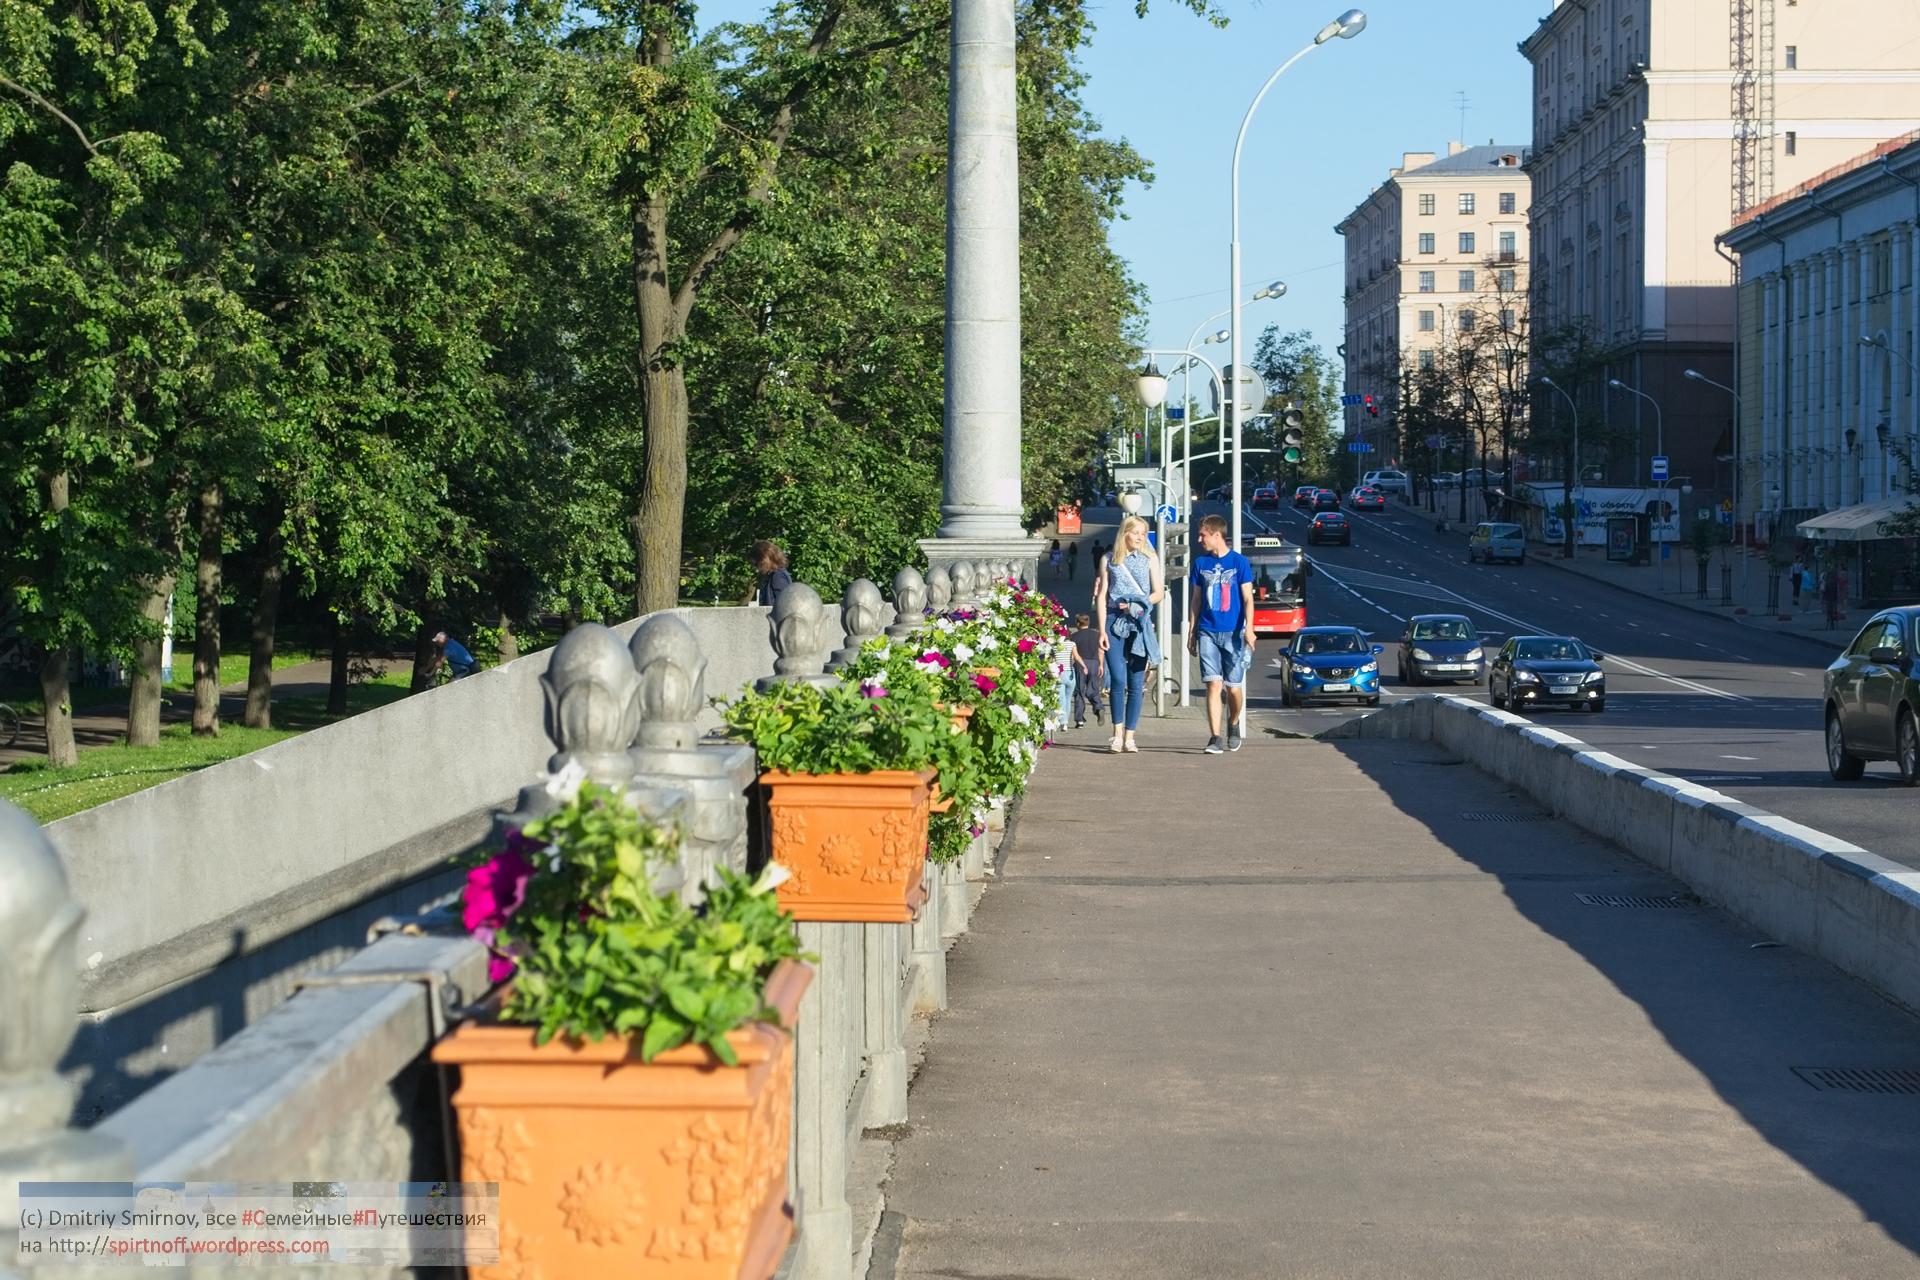 DSC_6765-Blog-36 Путешествия  Минск, Большой театр, сквер Марата Казея, сквер Янки Купалы, проспект Независимости